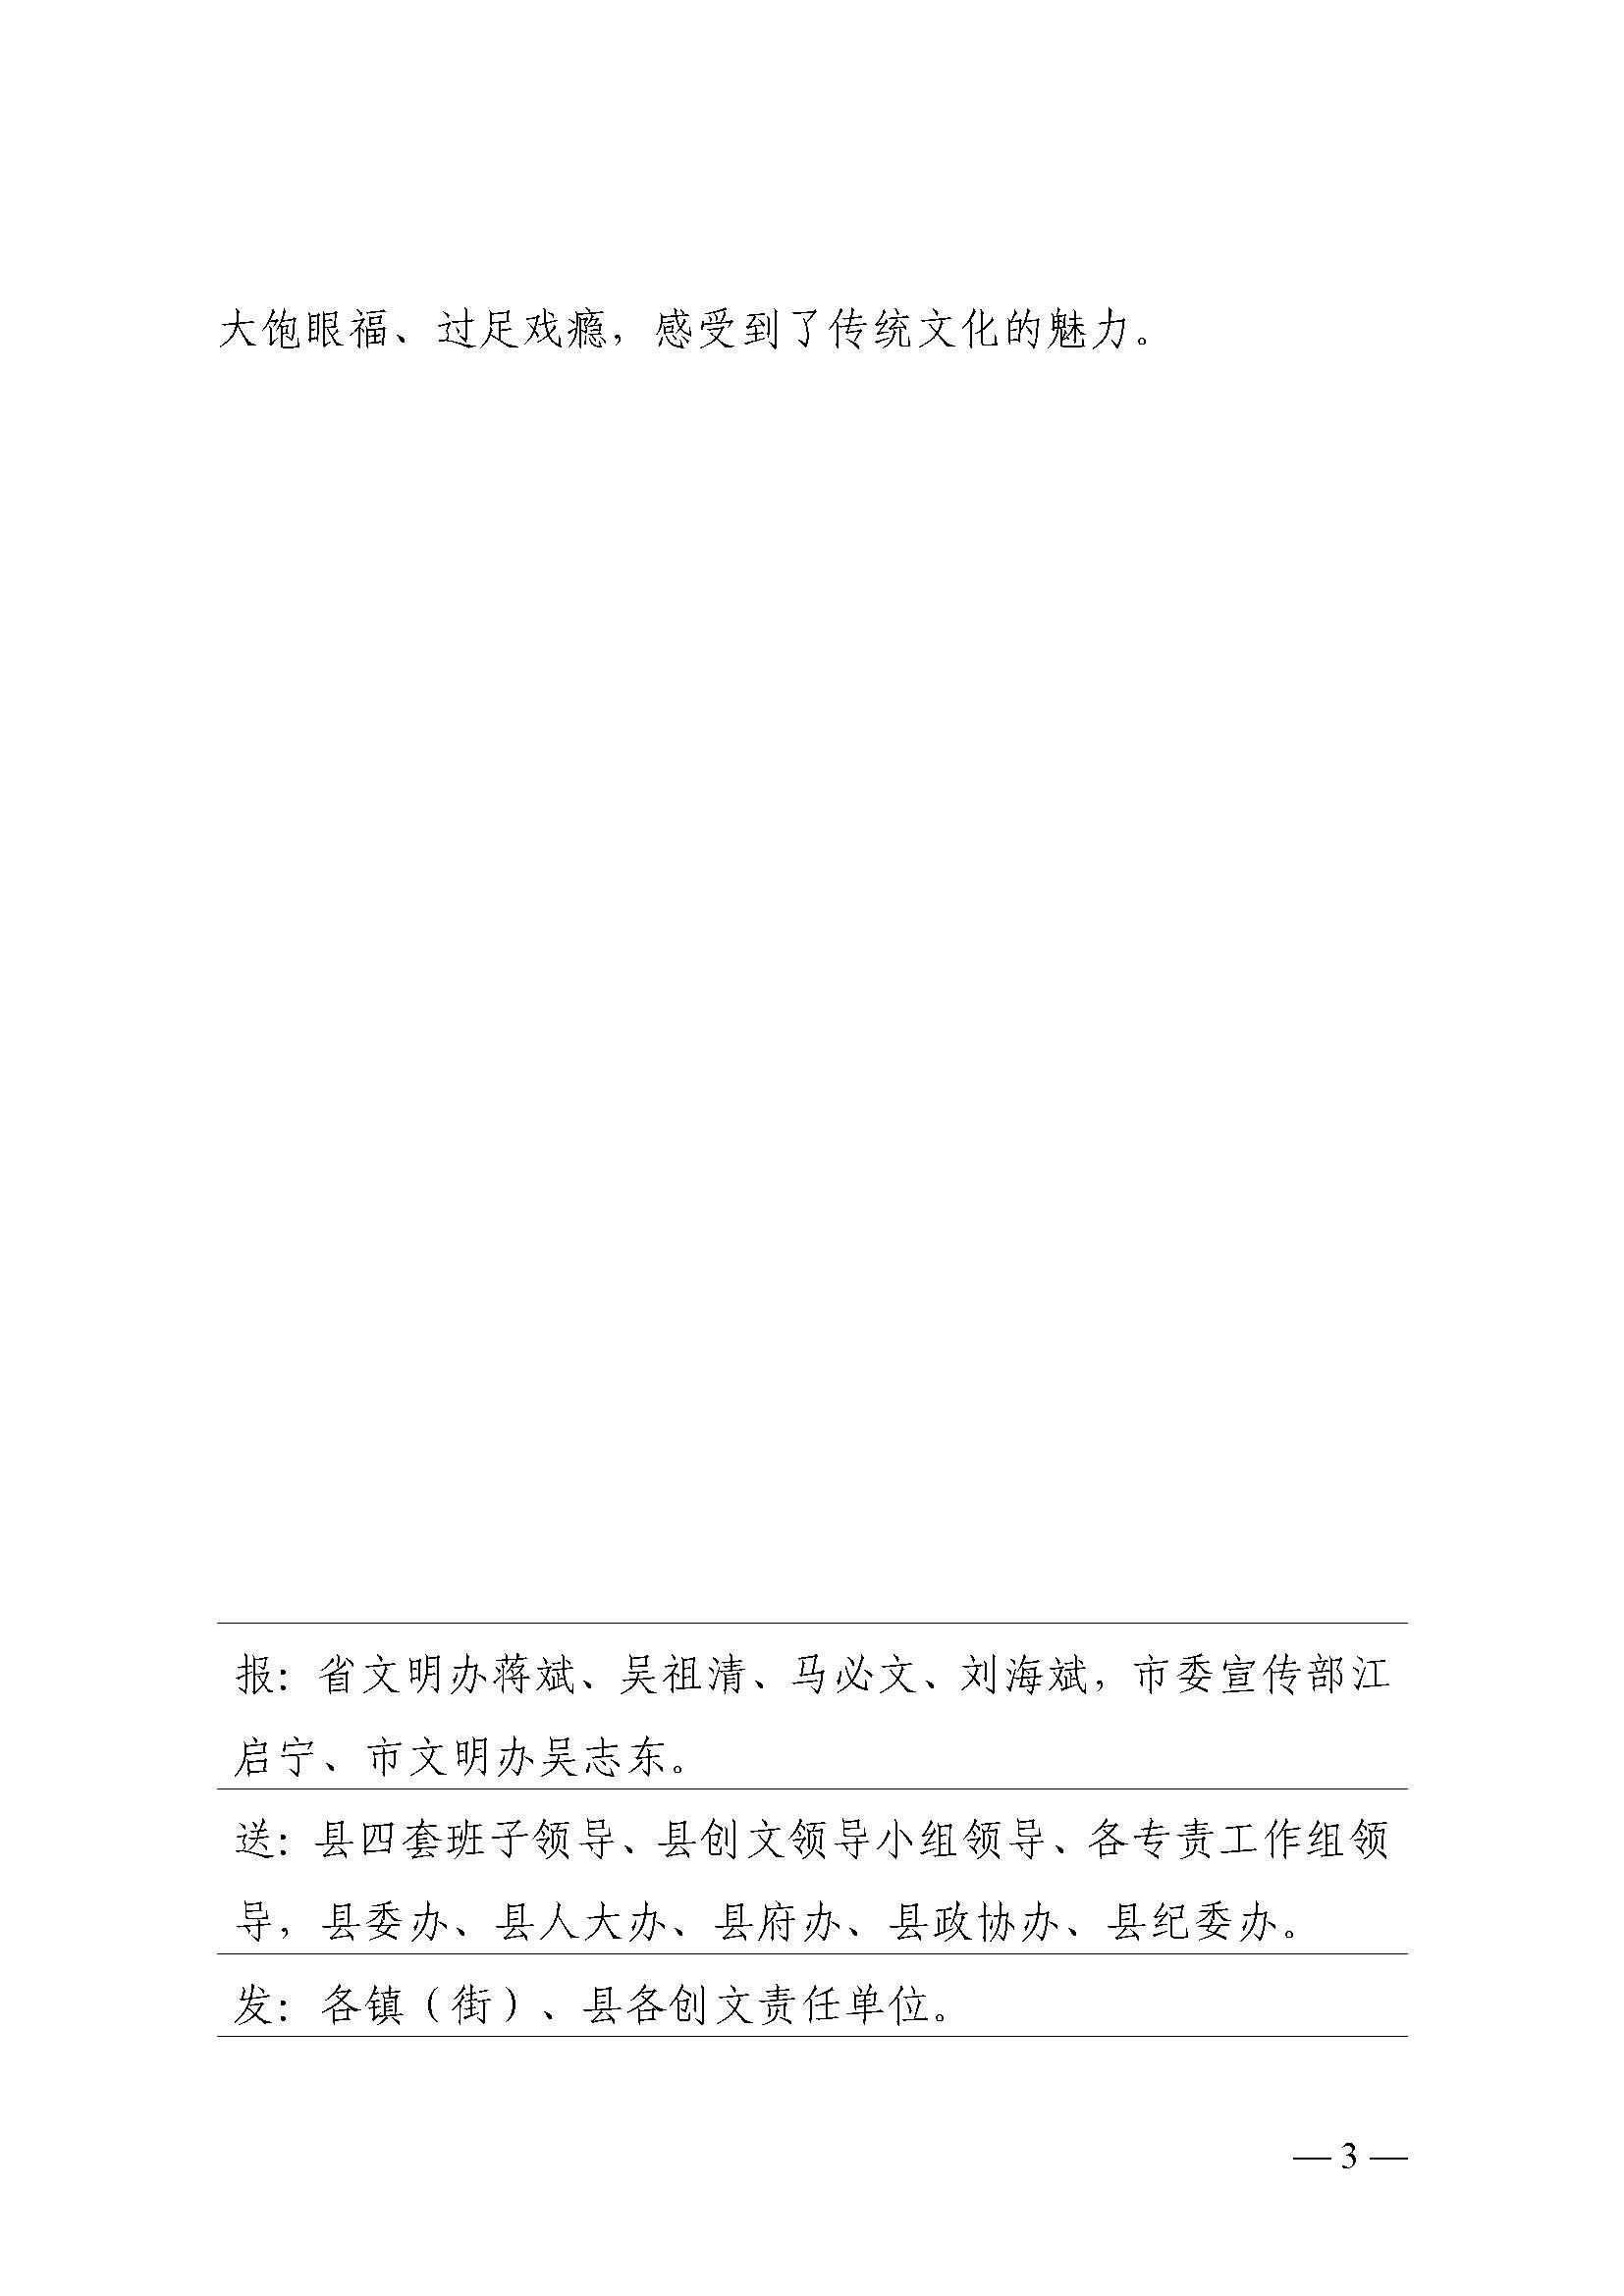 2019年第6期  德庆县戏曲进乡村进校园活动如火如荼(简报 )_页面_3.jpg